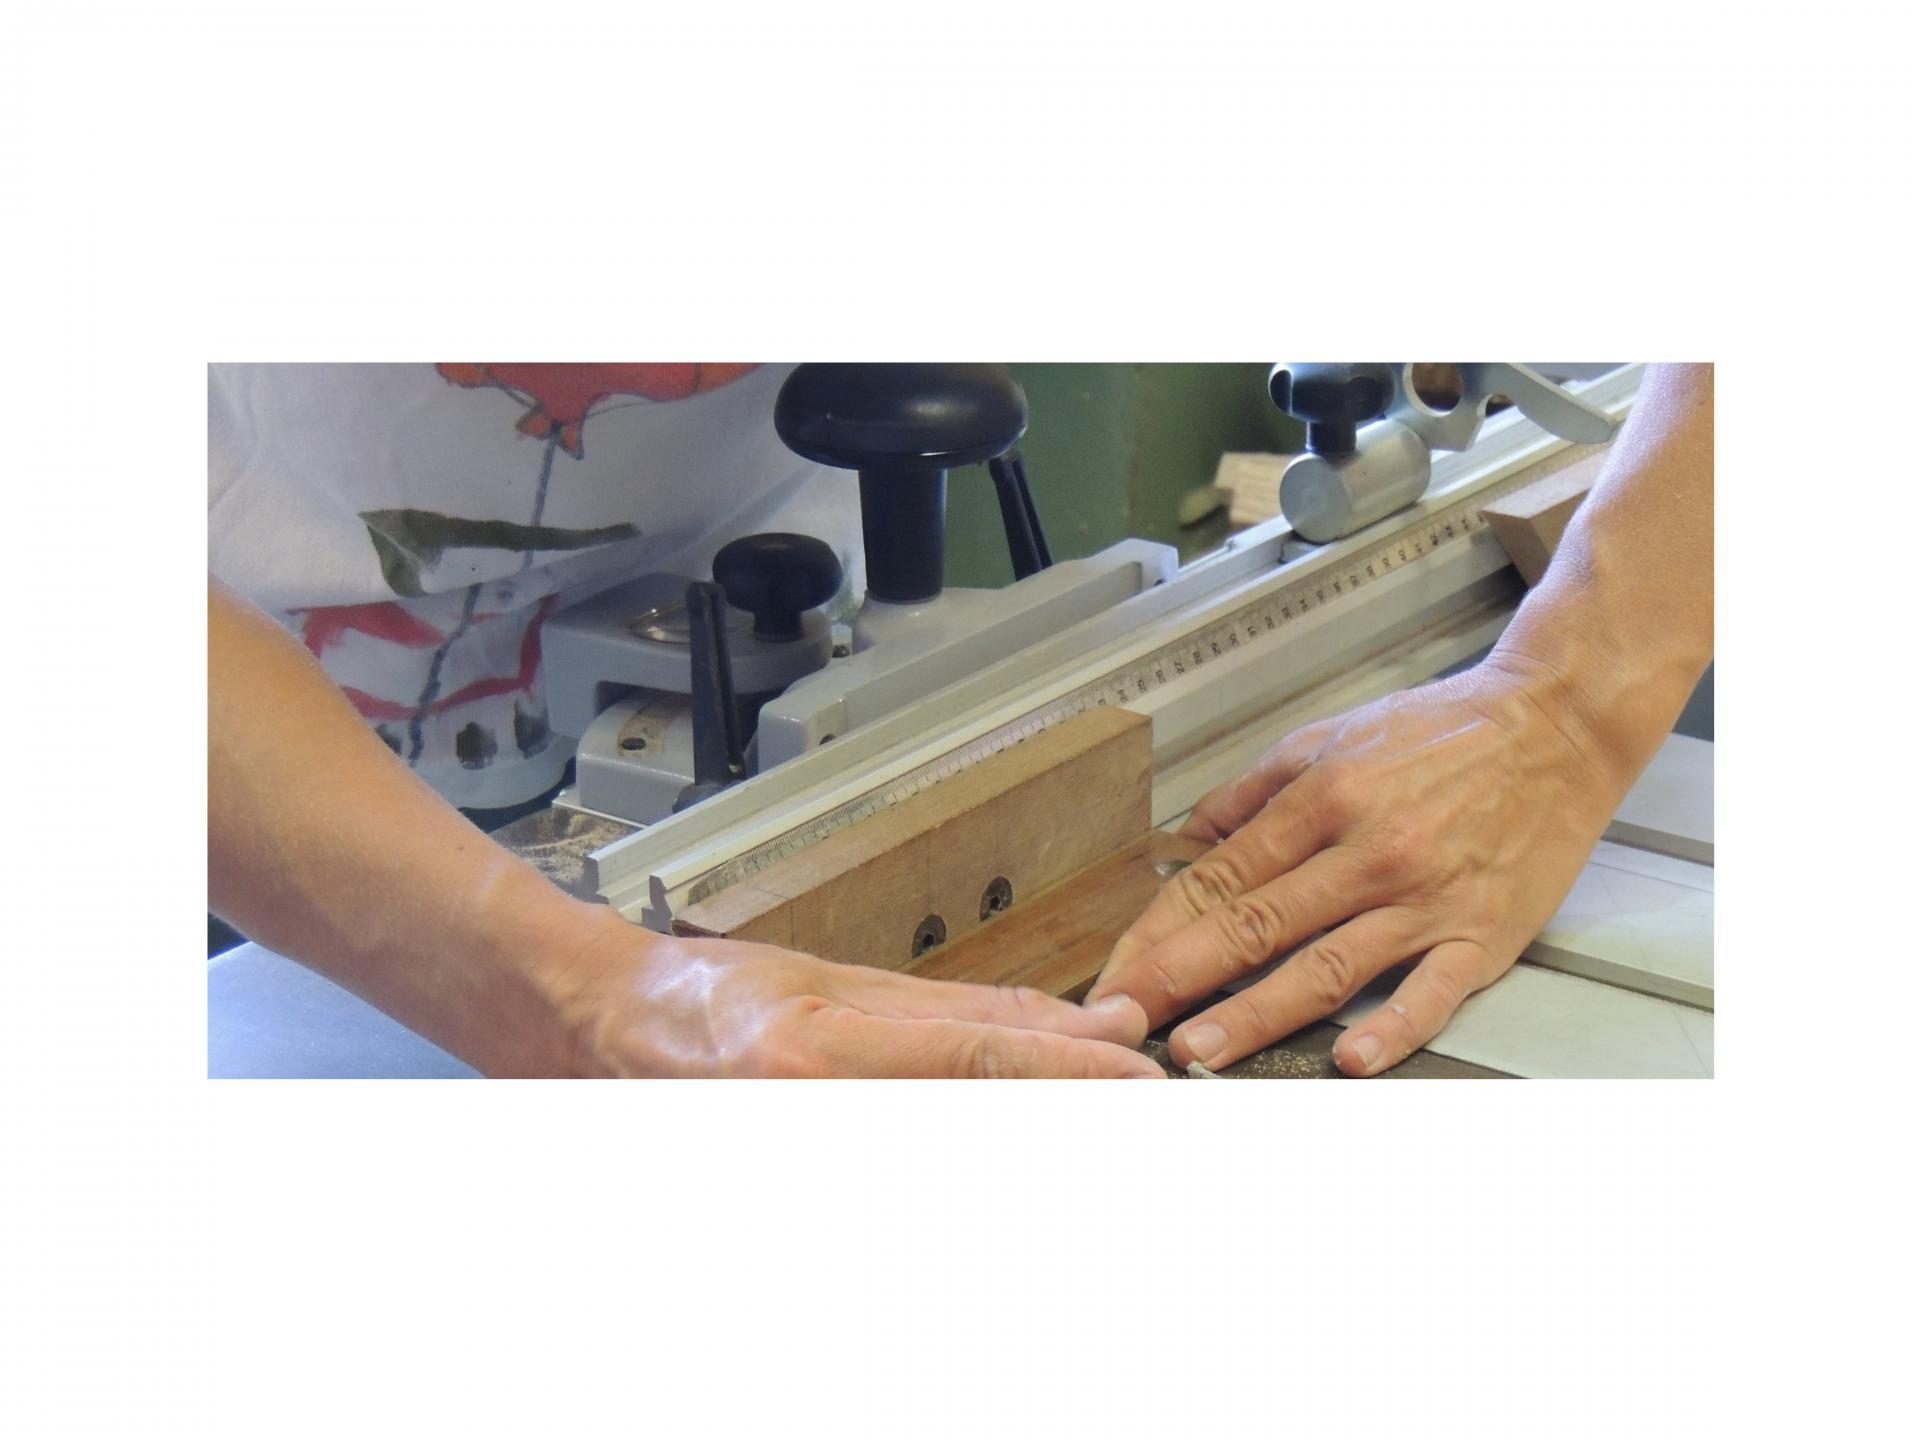 http://www.ateliercannelle.com/en/ - hands